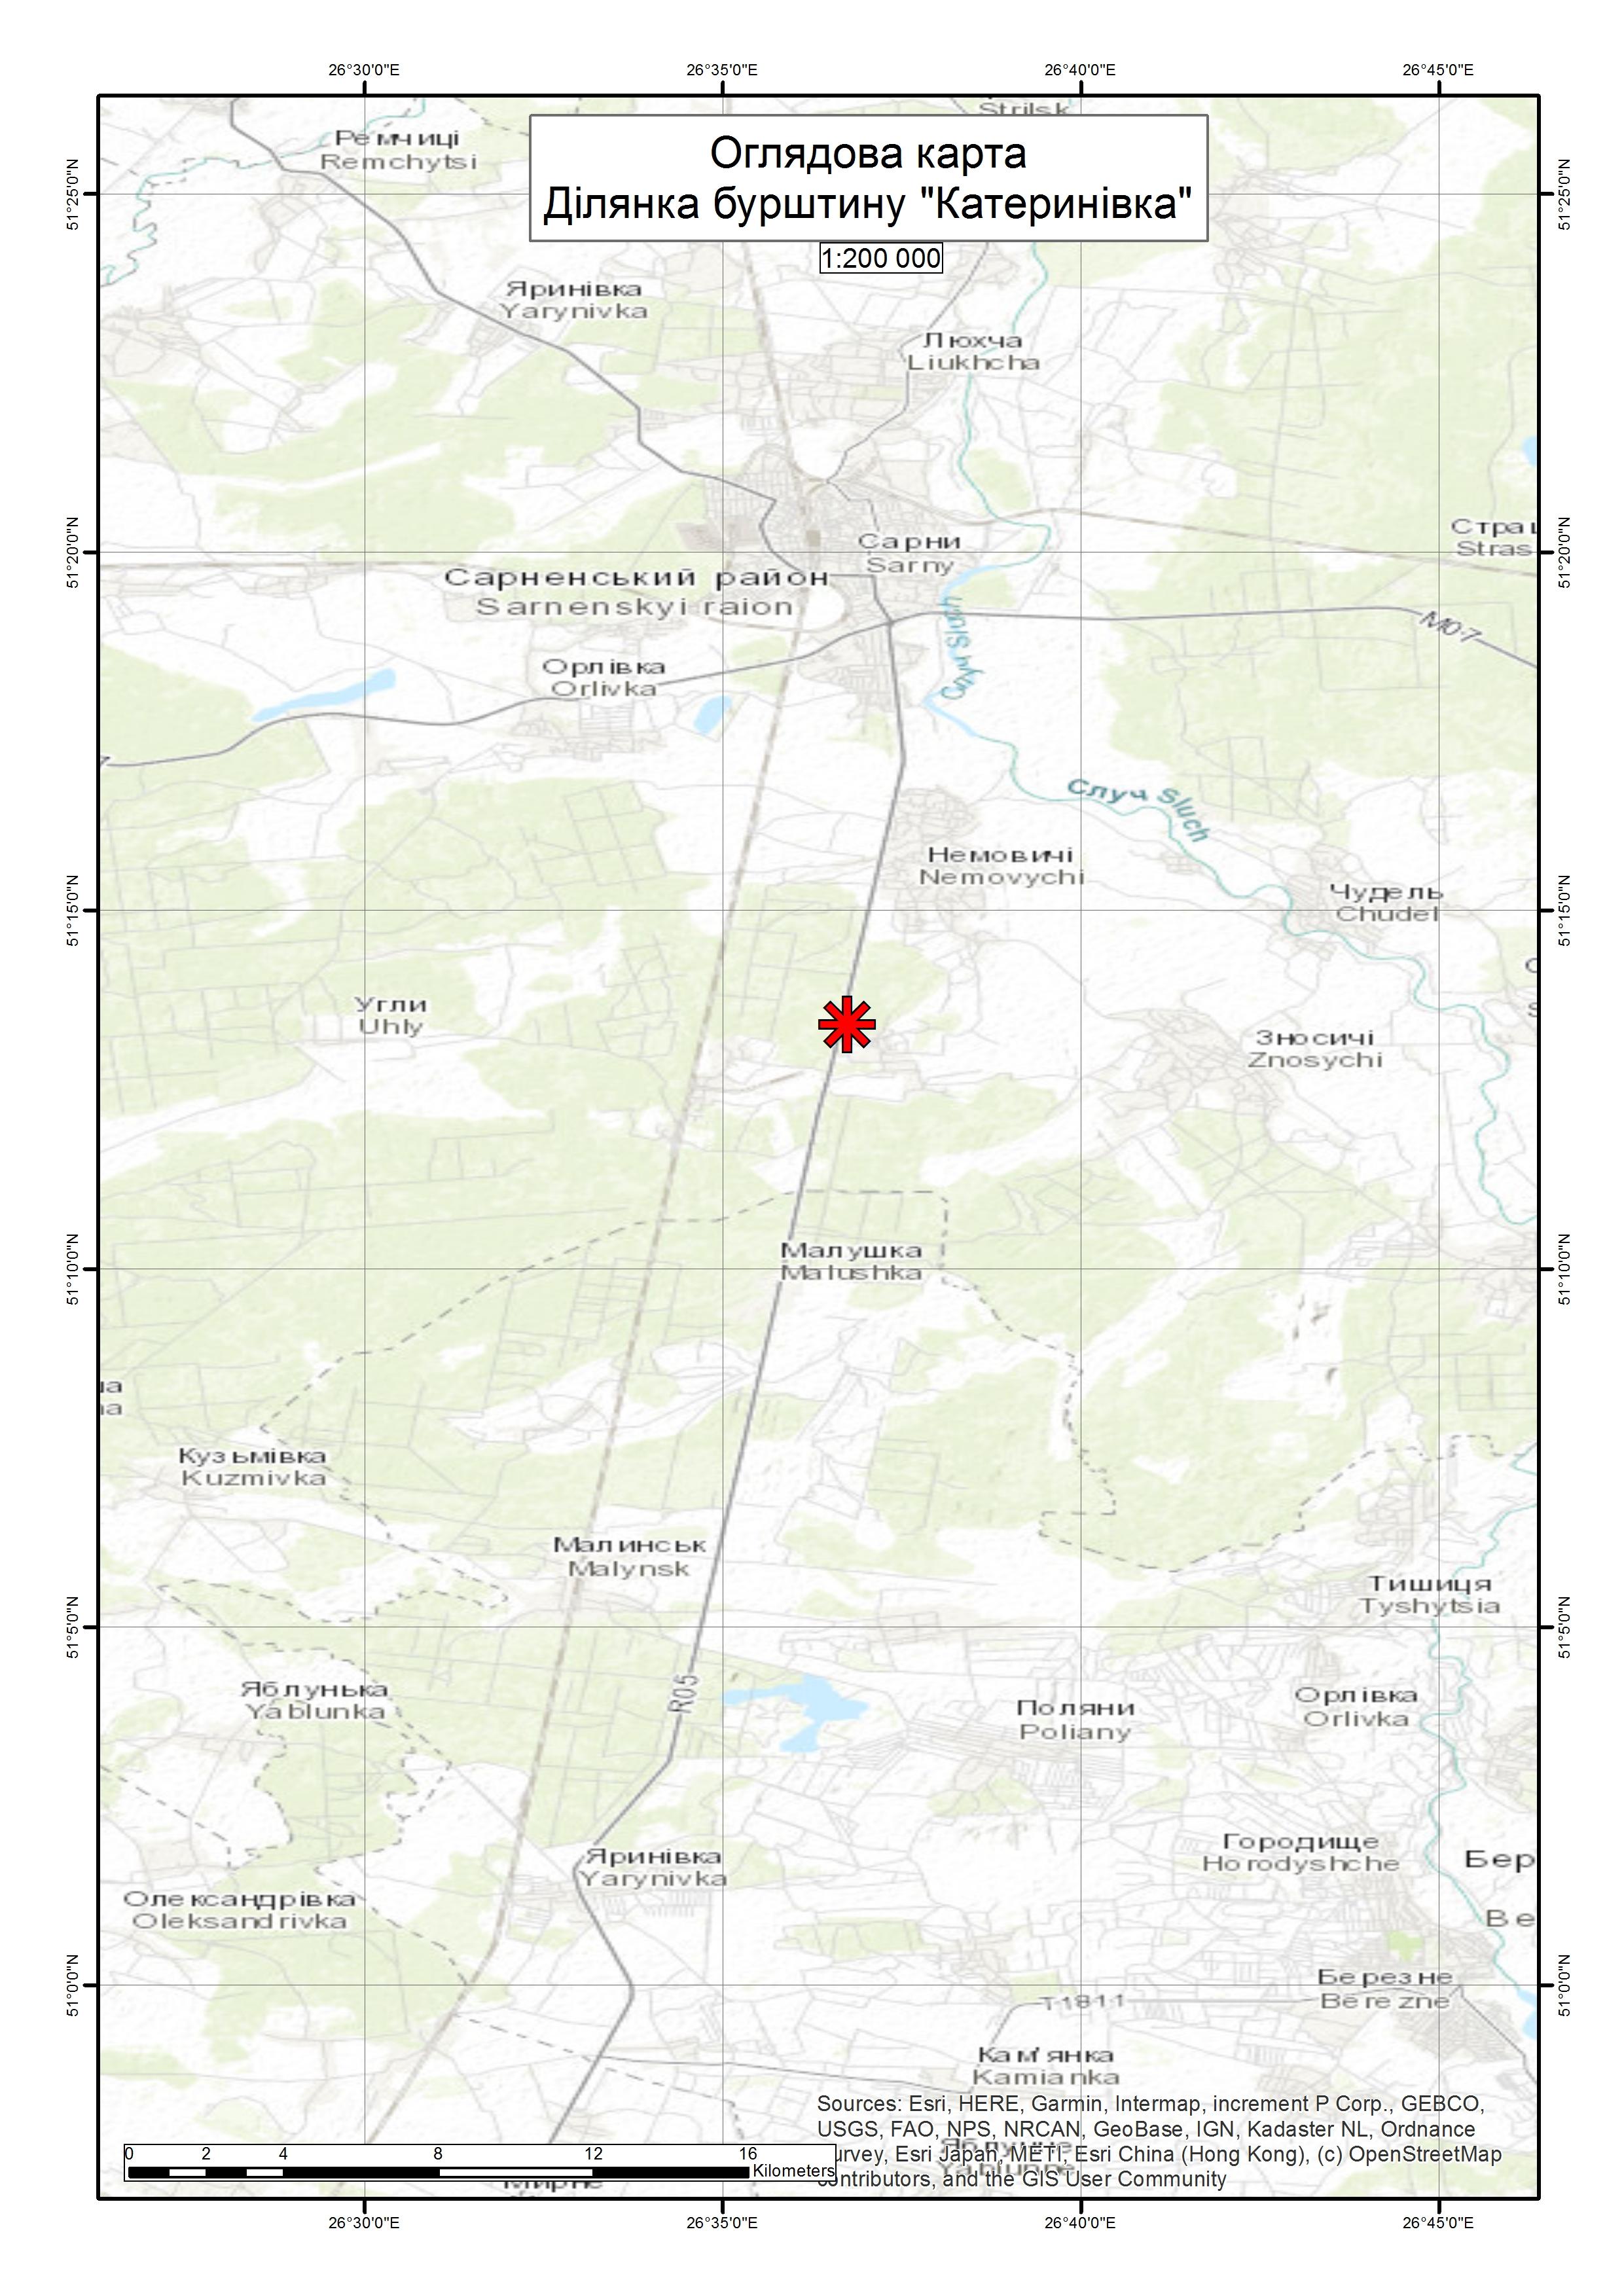 Спеціальний дозвіл на користування надрами – Ділянка «Катеринівка». Вартість геологічної інформації – 95 812,36 грн (з ПДВ). Вартість пакету аукціонної документації –  11 437,92 грн (з ПДВ).